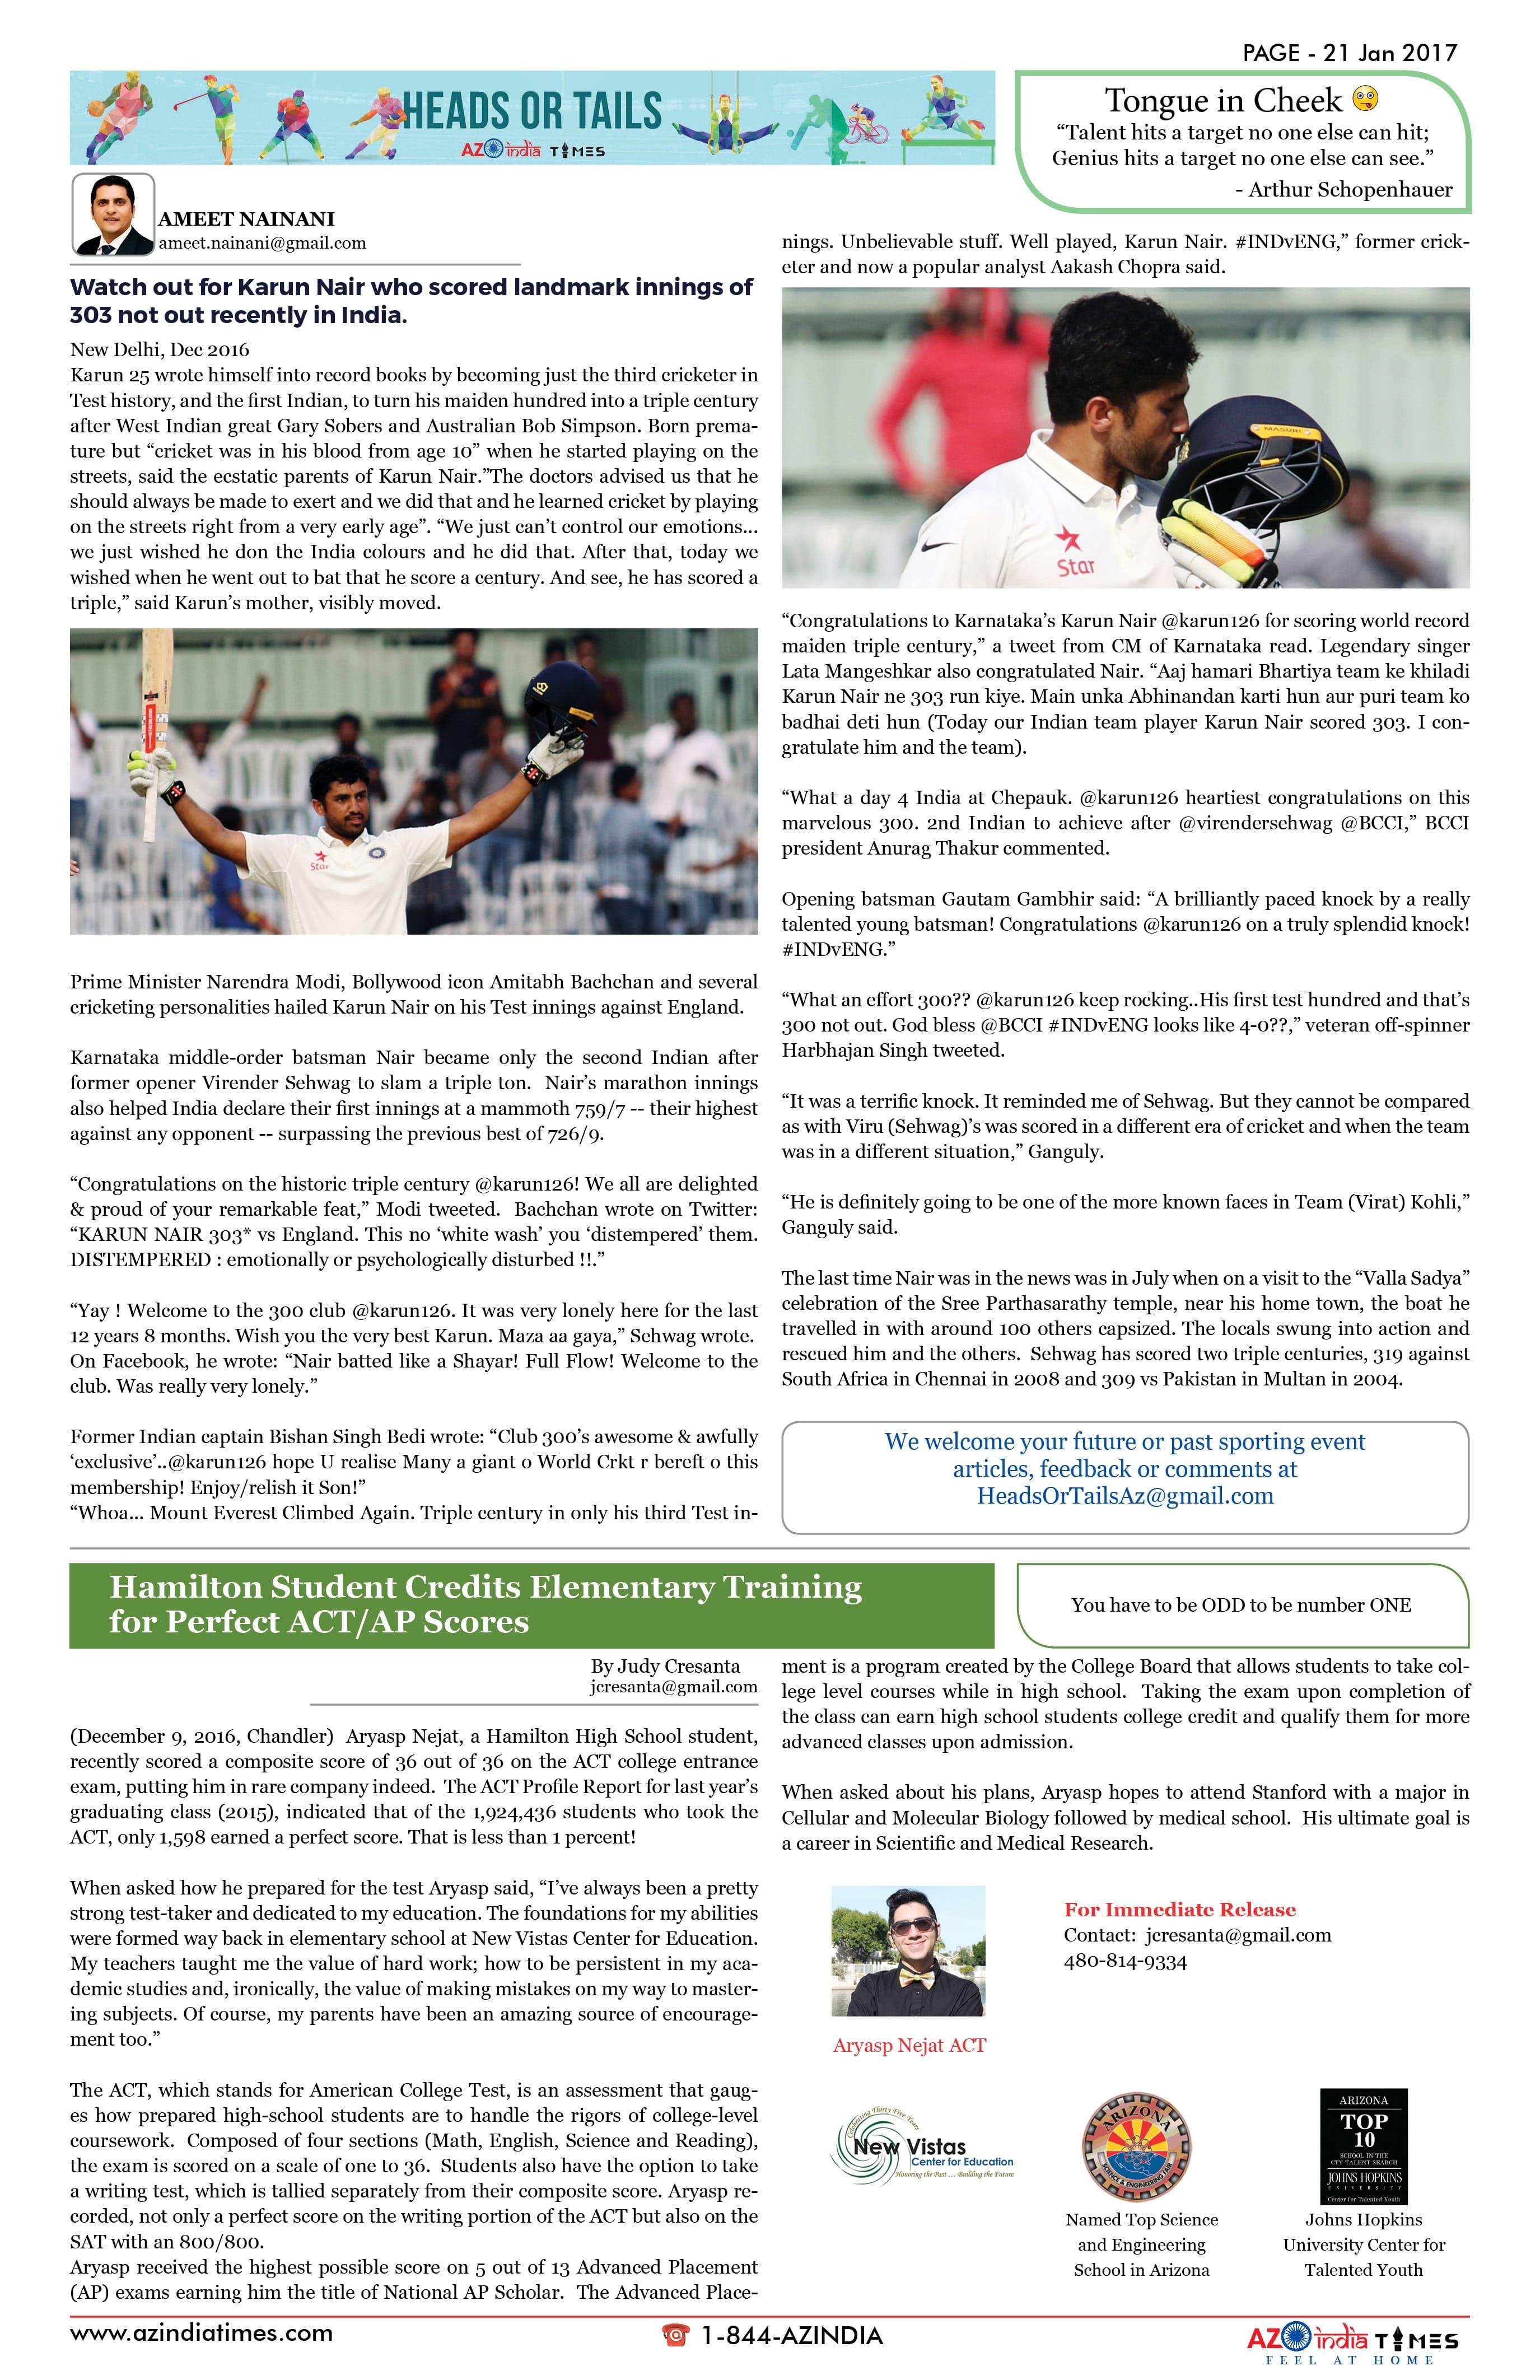 AZ INDIA JANUARY EDITION-21